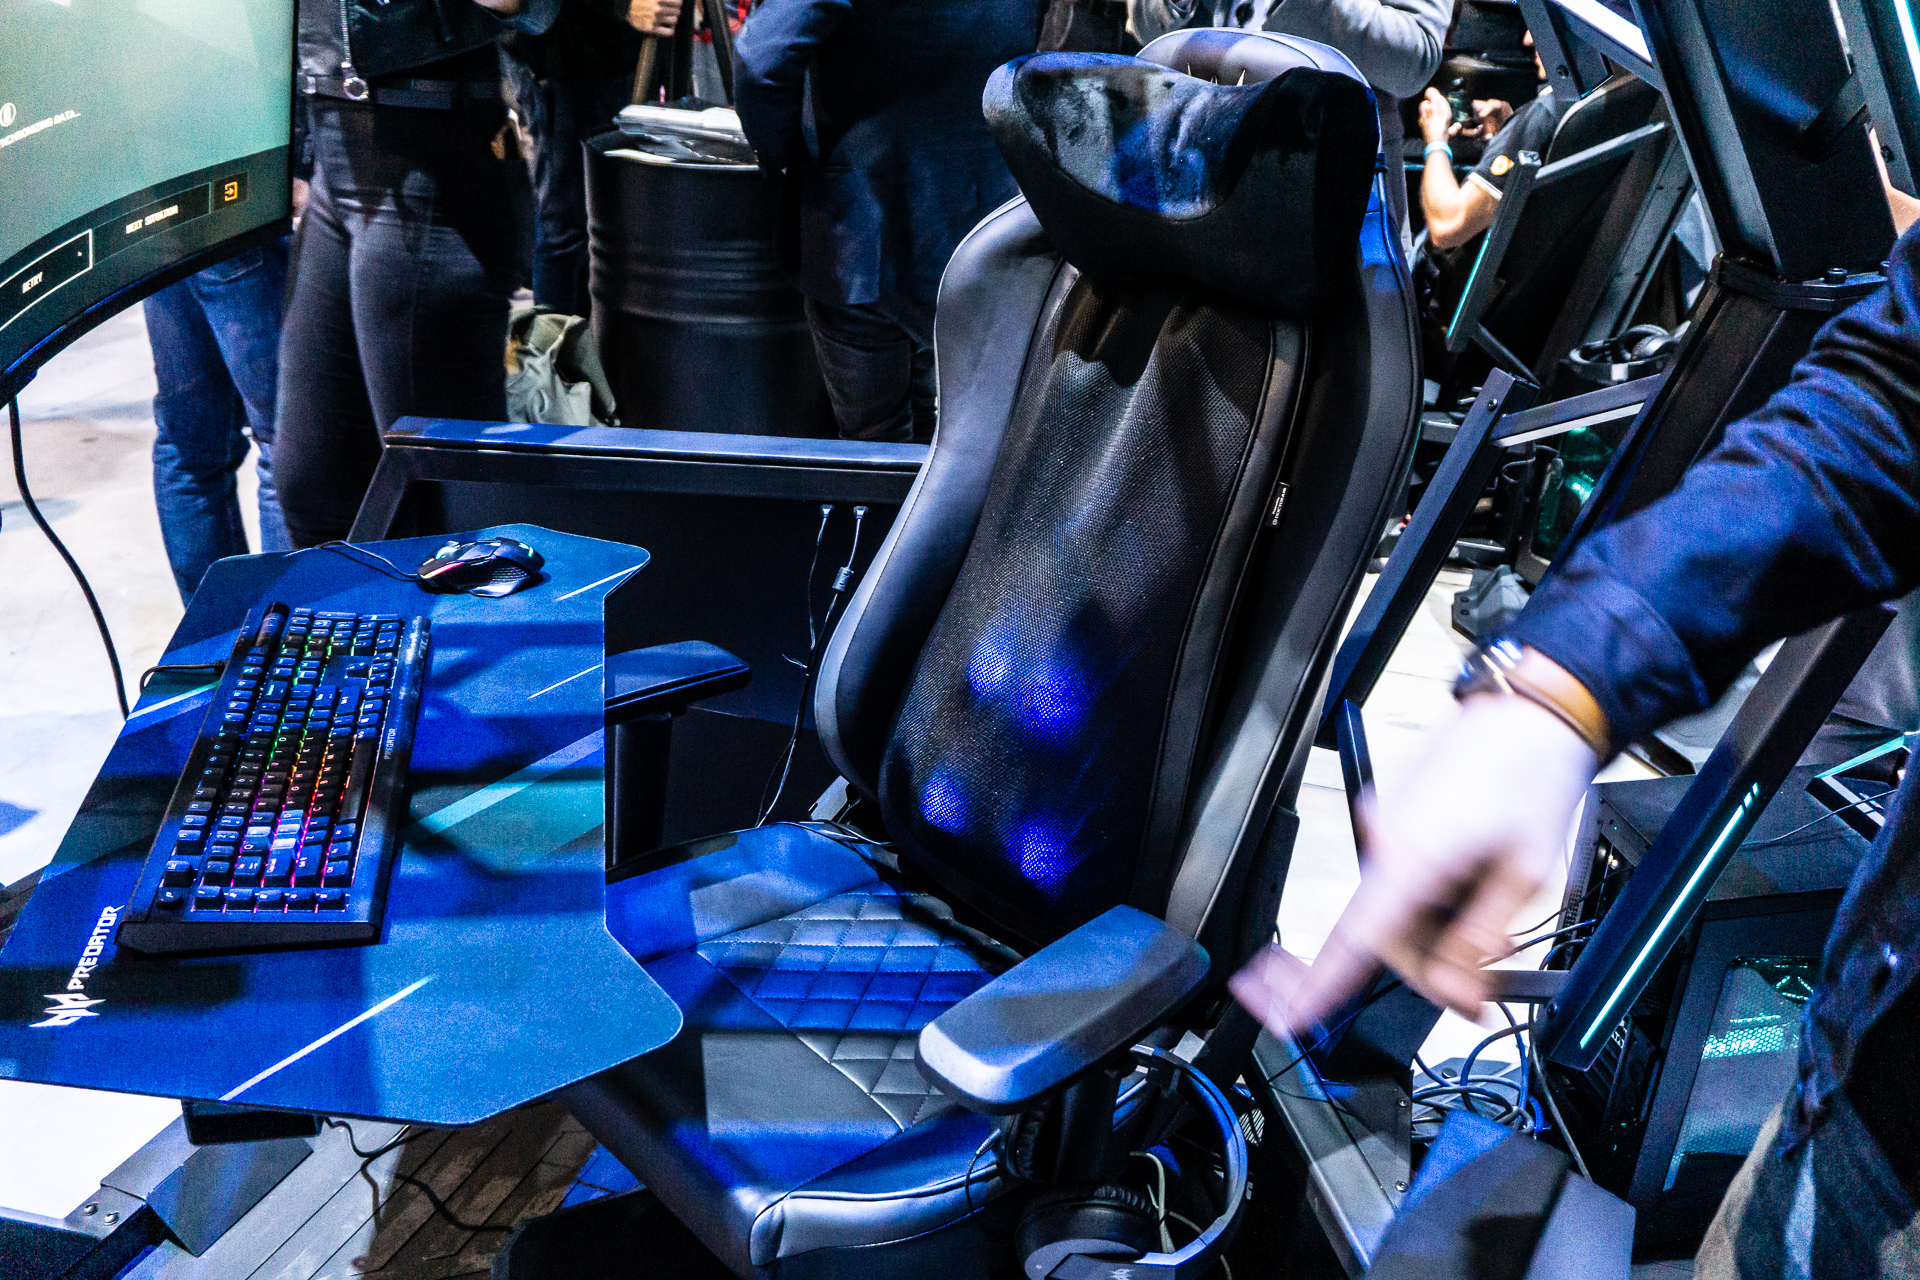 55.000 PLN için bir oyuncu için bir sandalyeye masaj yapmama izin verdim. Avcı Thronos Air, IFA 2019'un sürprizlerinden biri 2